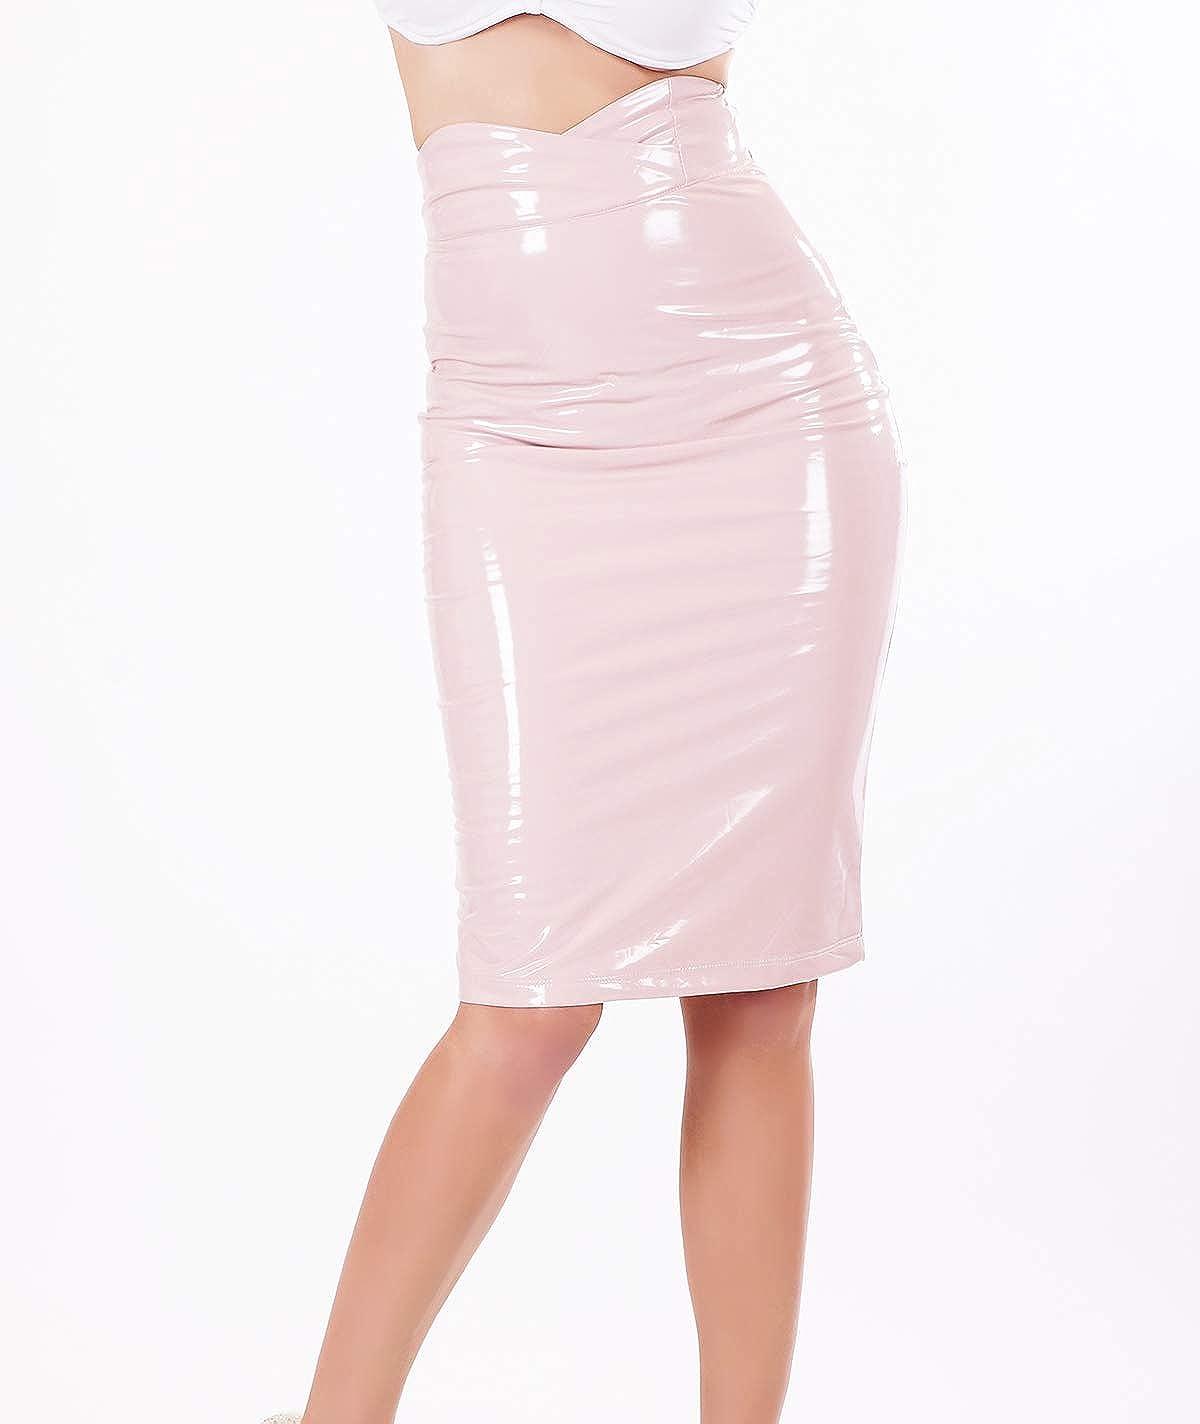 Only Fashion - Falda - para Mujer Rosa S: Amazon.es: Ropa y accesorios